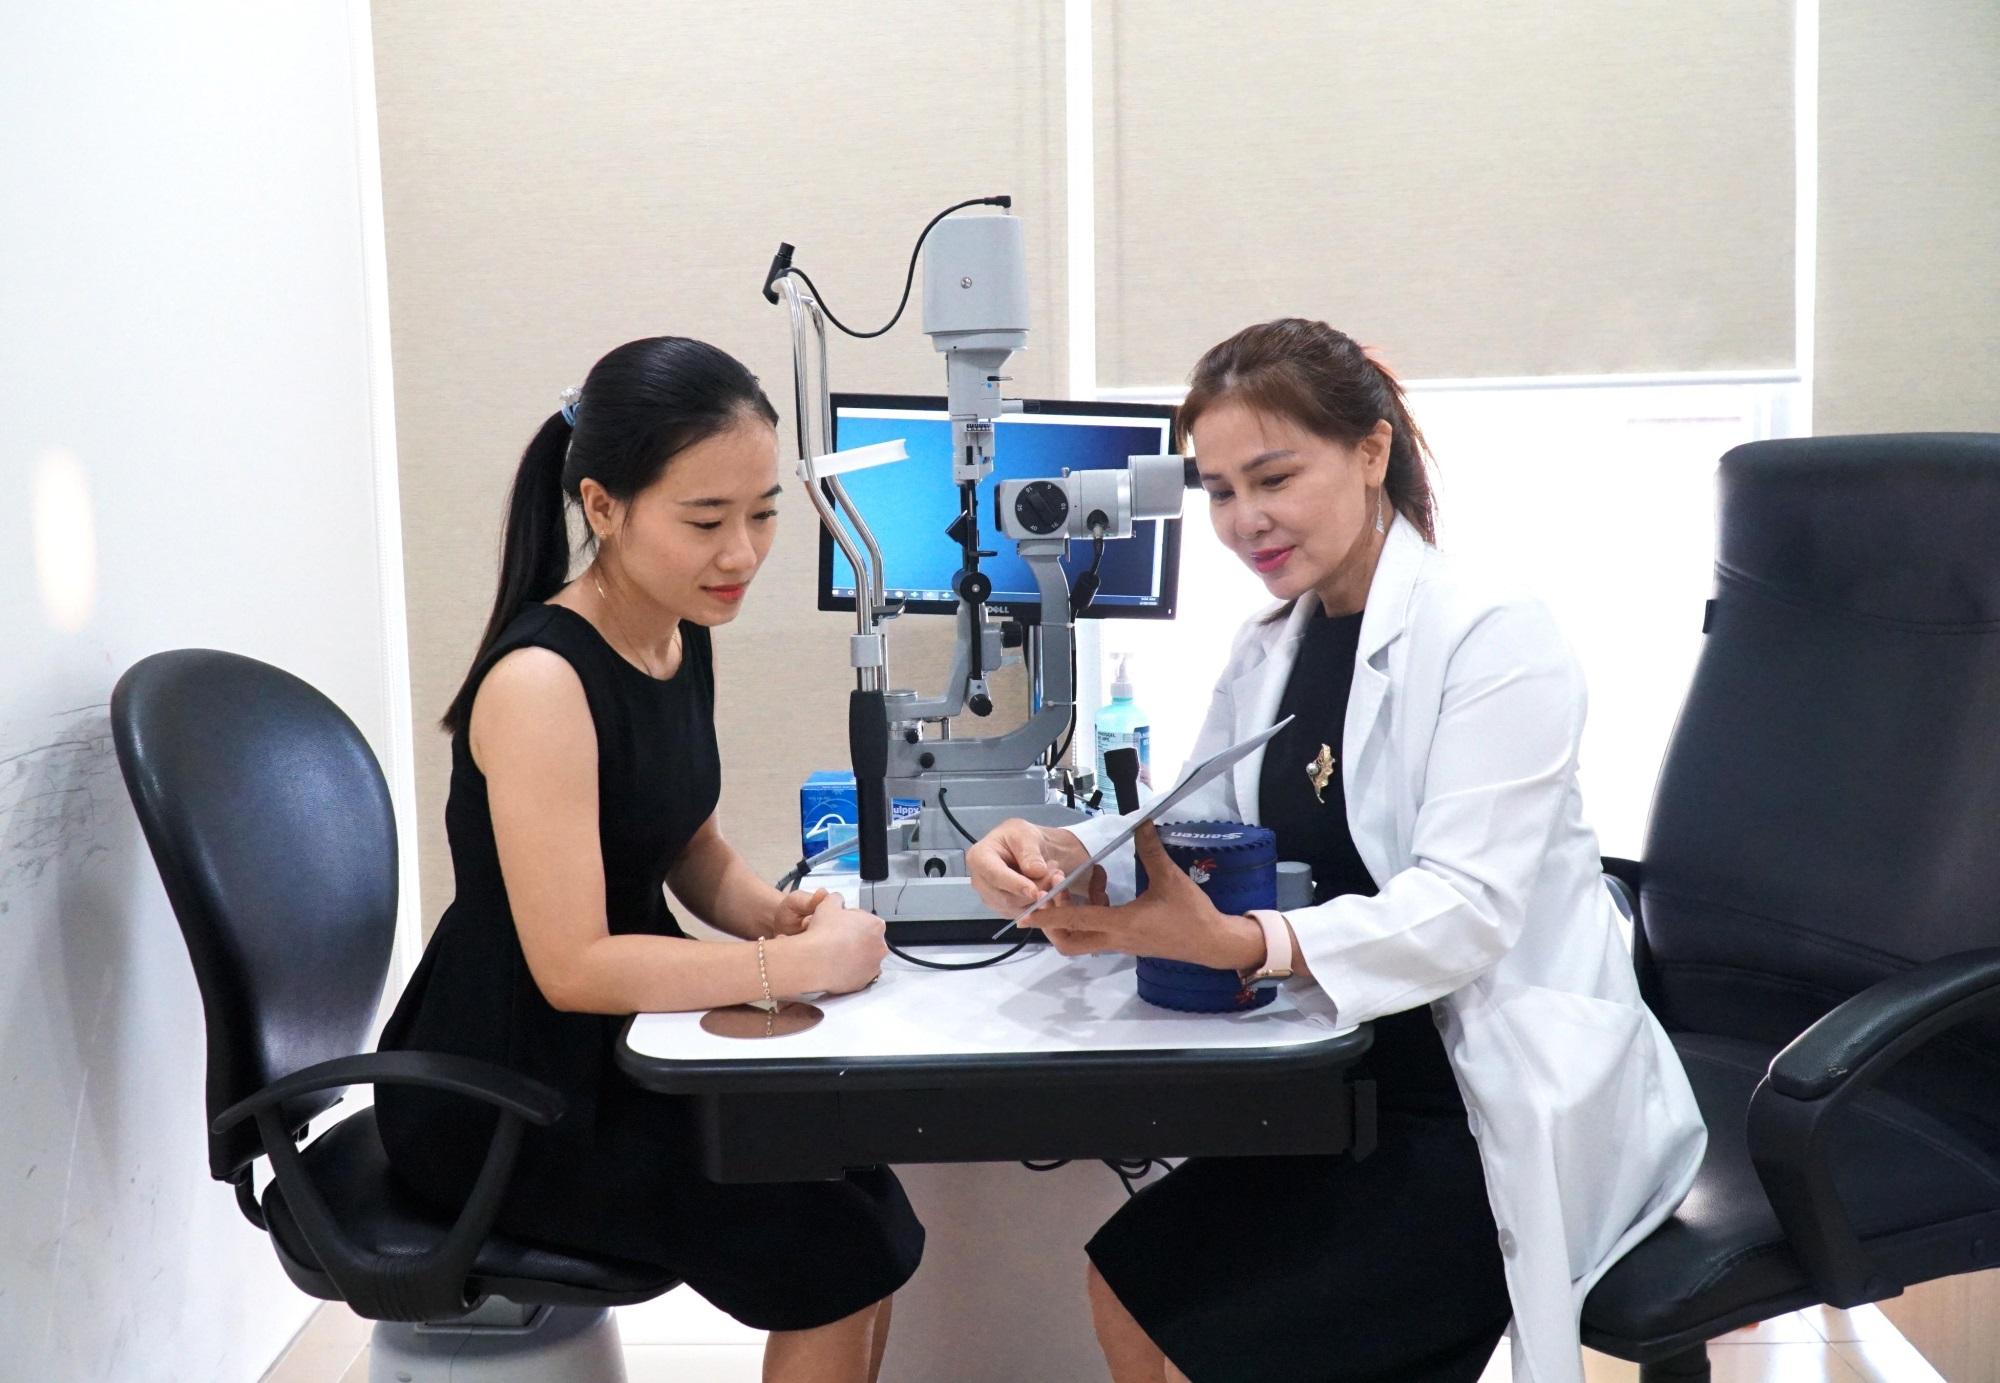 Bệnh viện Mắt Quốc tế Hoàn Mỹ - Triển khai ưu đãi nhân dịp kỷ niệm 23 năm thành lập Tập đoàn Y khoa - Ảnh 2